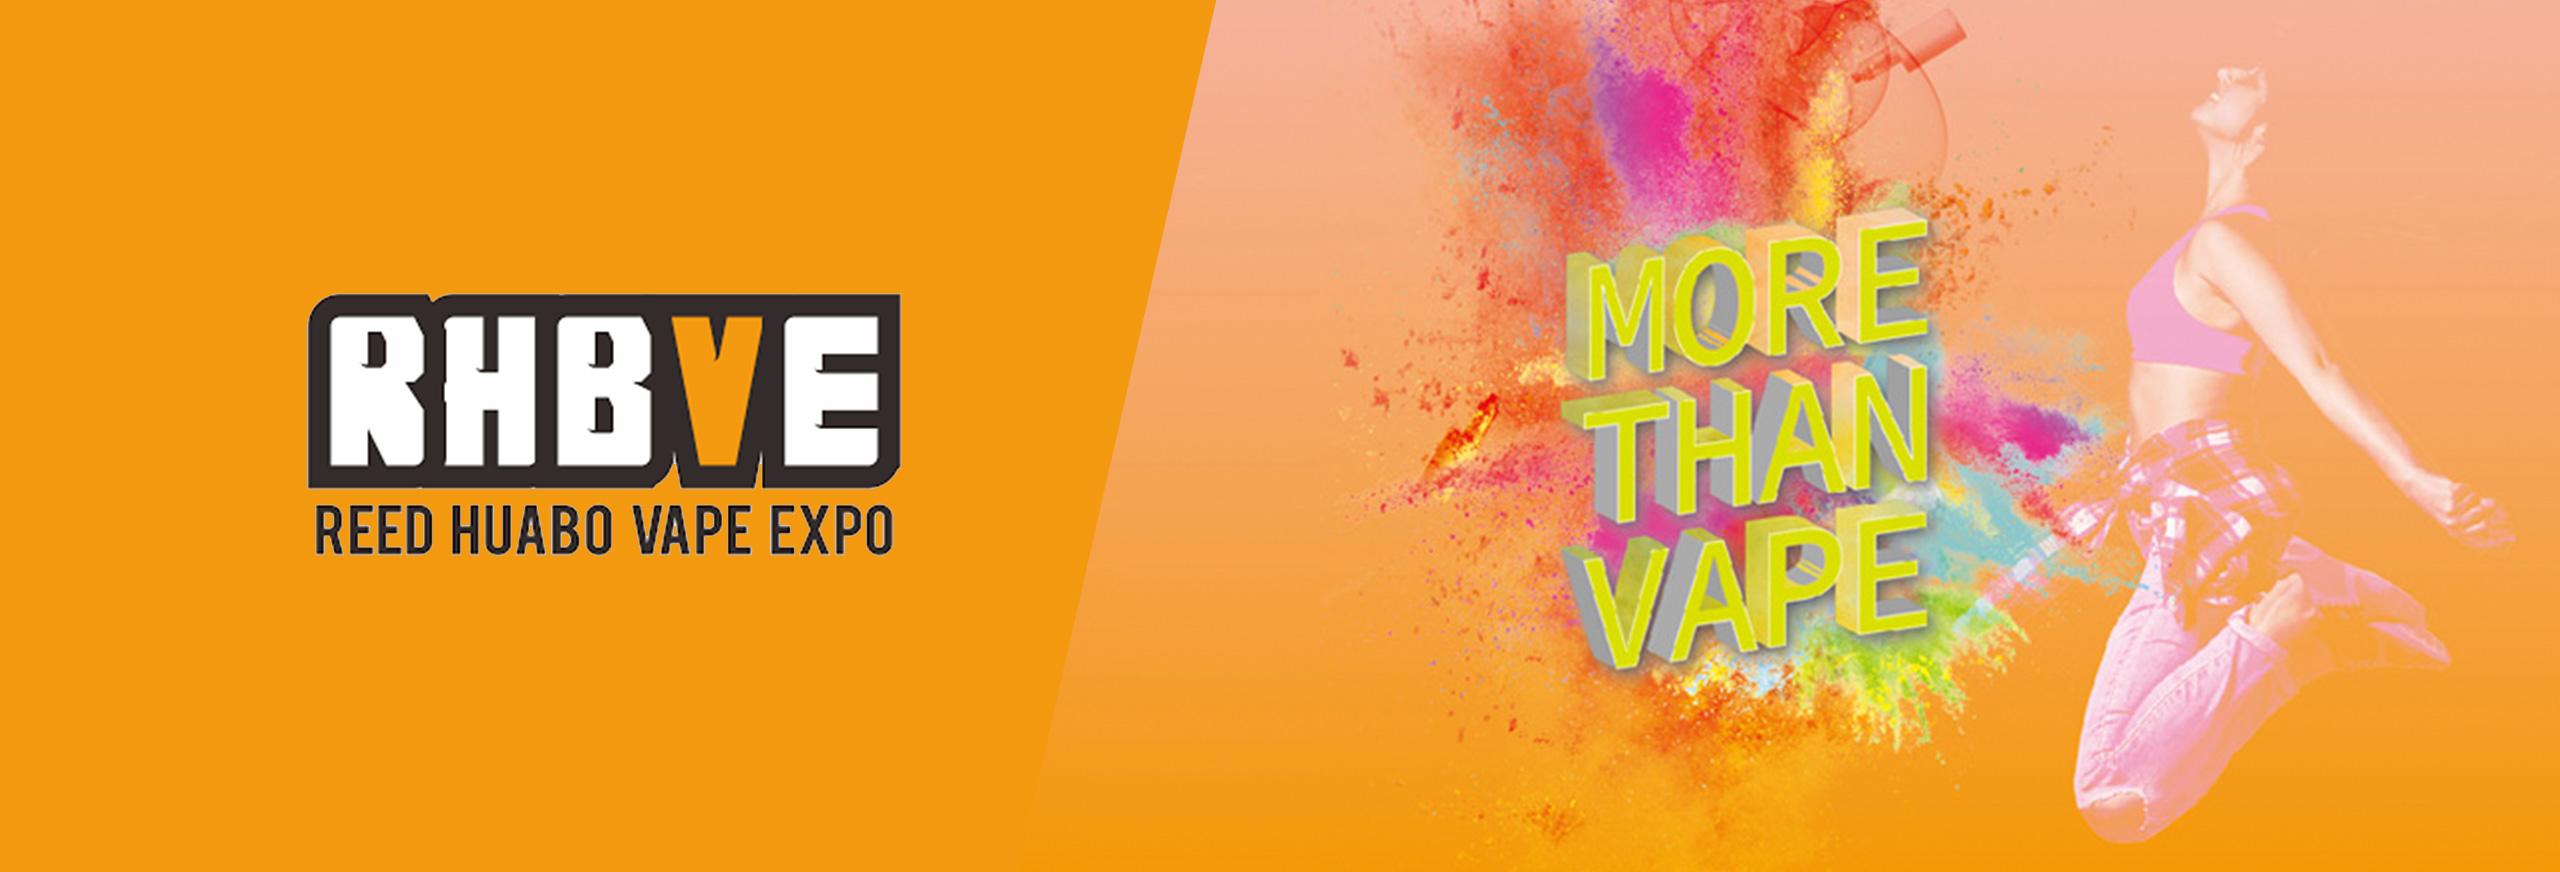 advertising banner for RHBVE Reed Huabo Vape Expo event